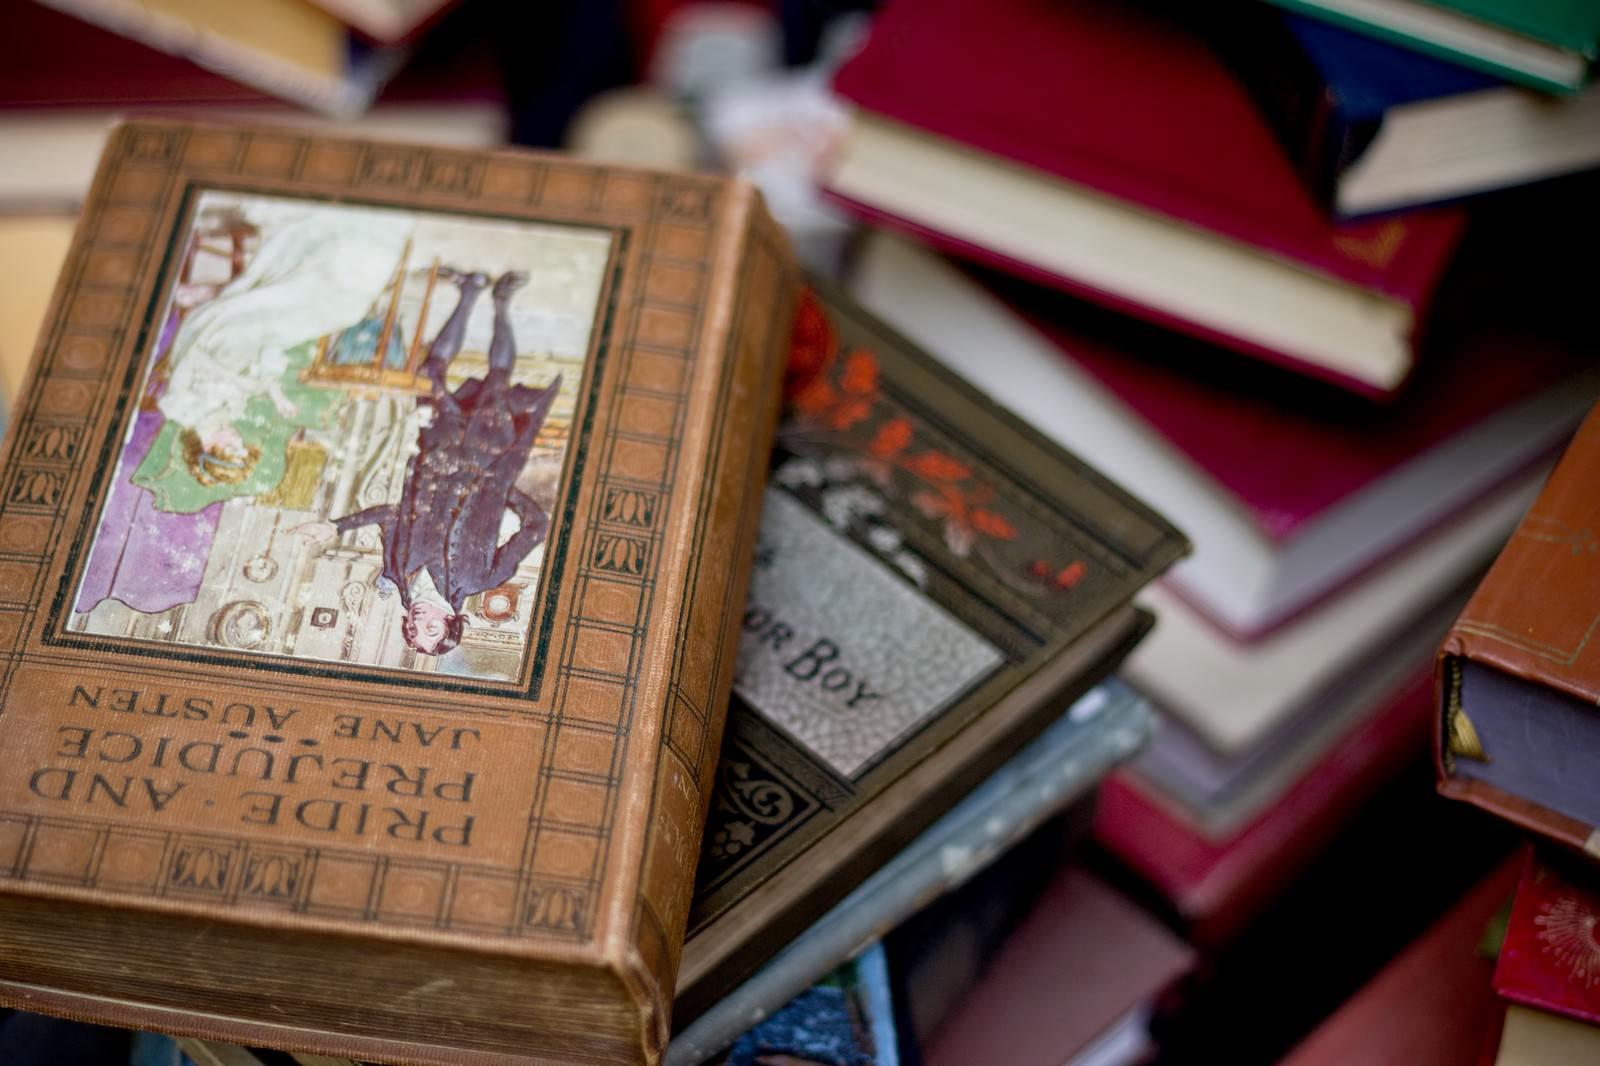 「乱雑に置かれた洋書乱雑に置かれた洋書」のフリー写真素材を拡大